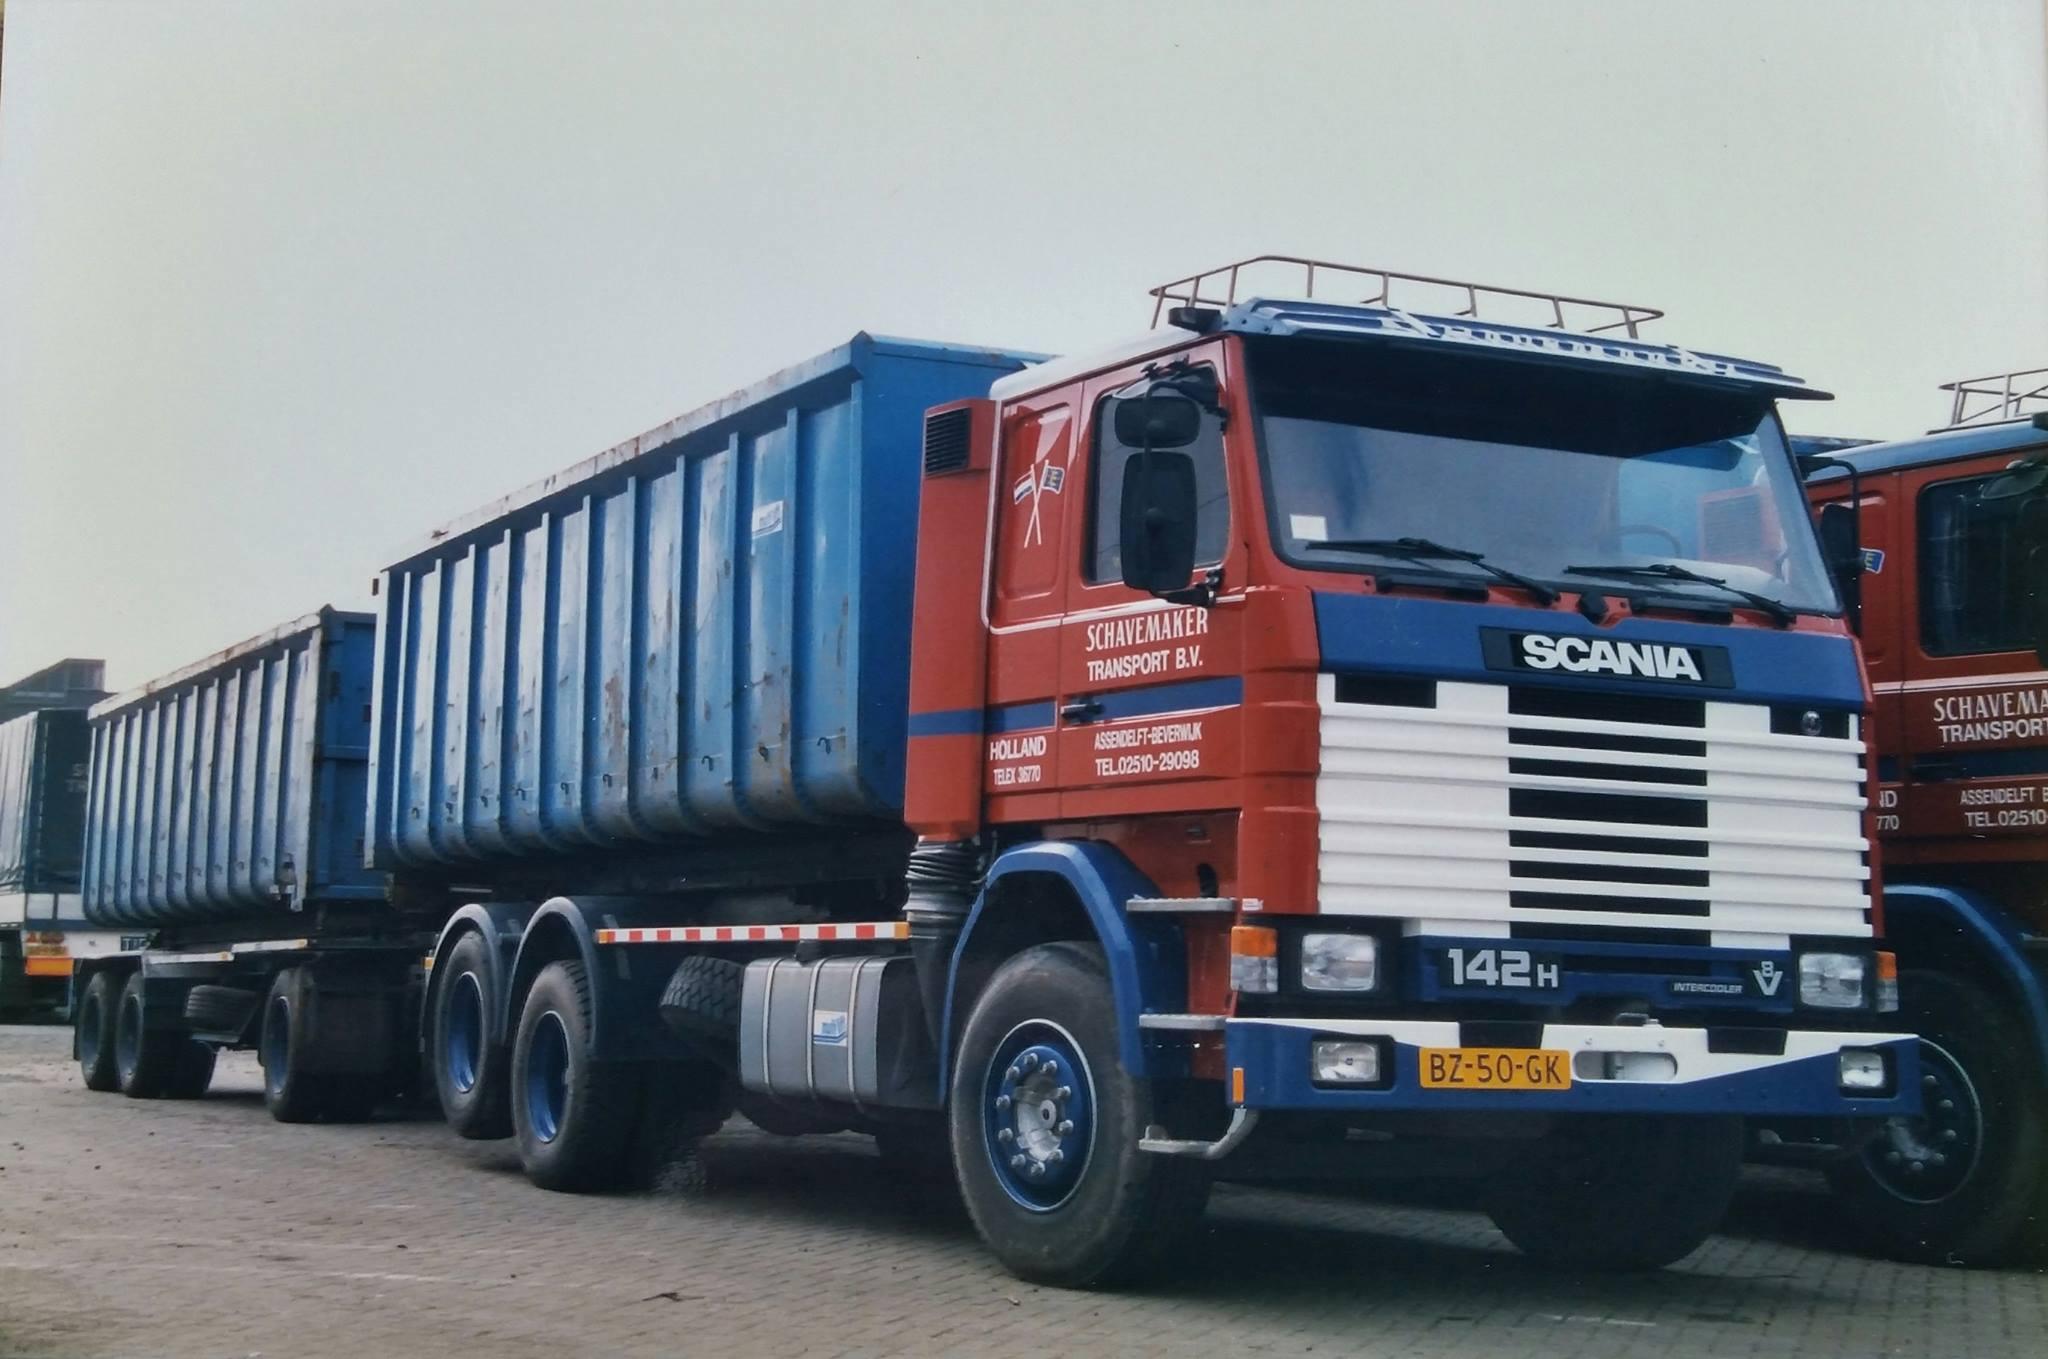 Scania-142-H-V8-Herman-Korbee